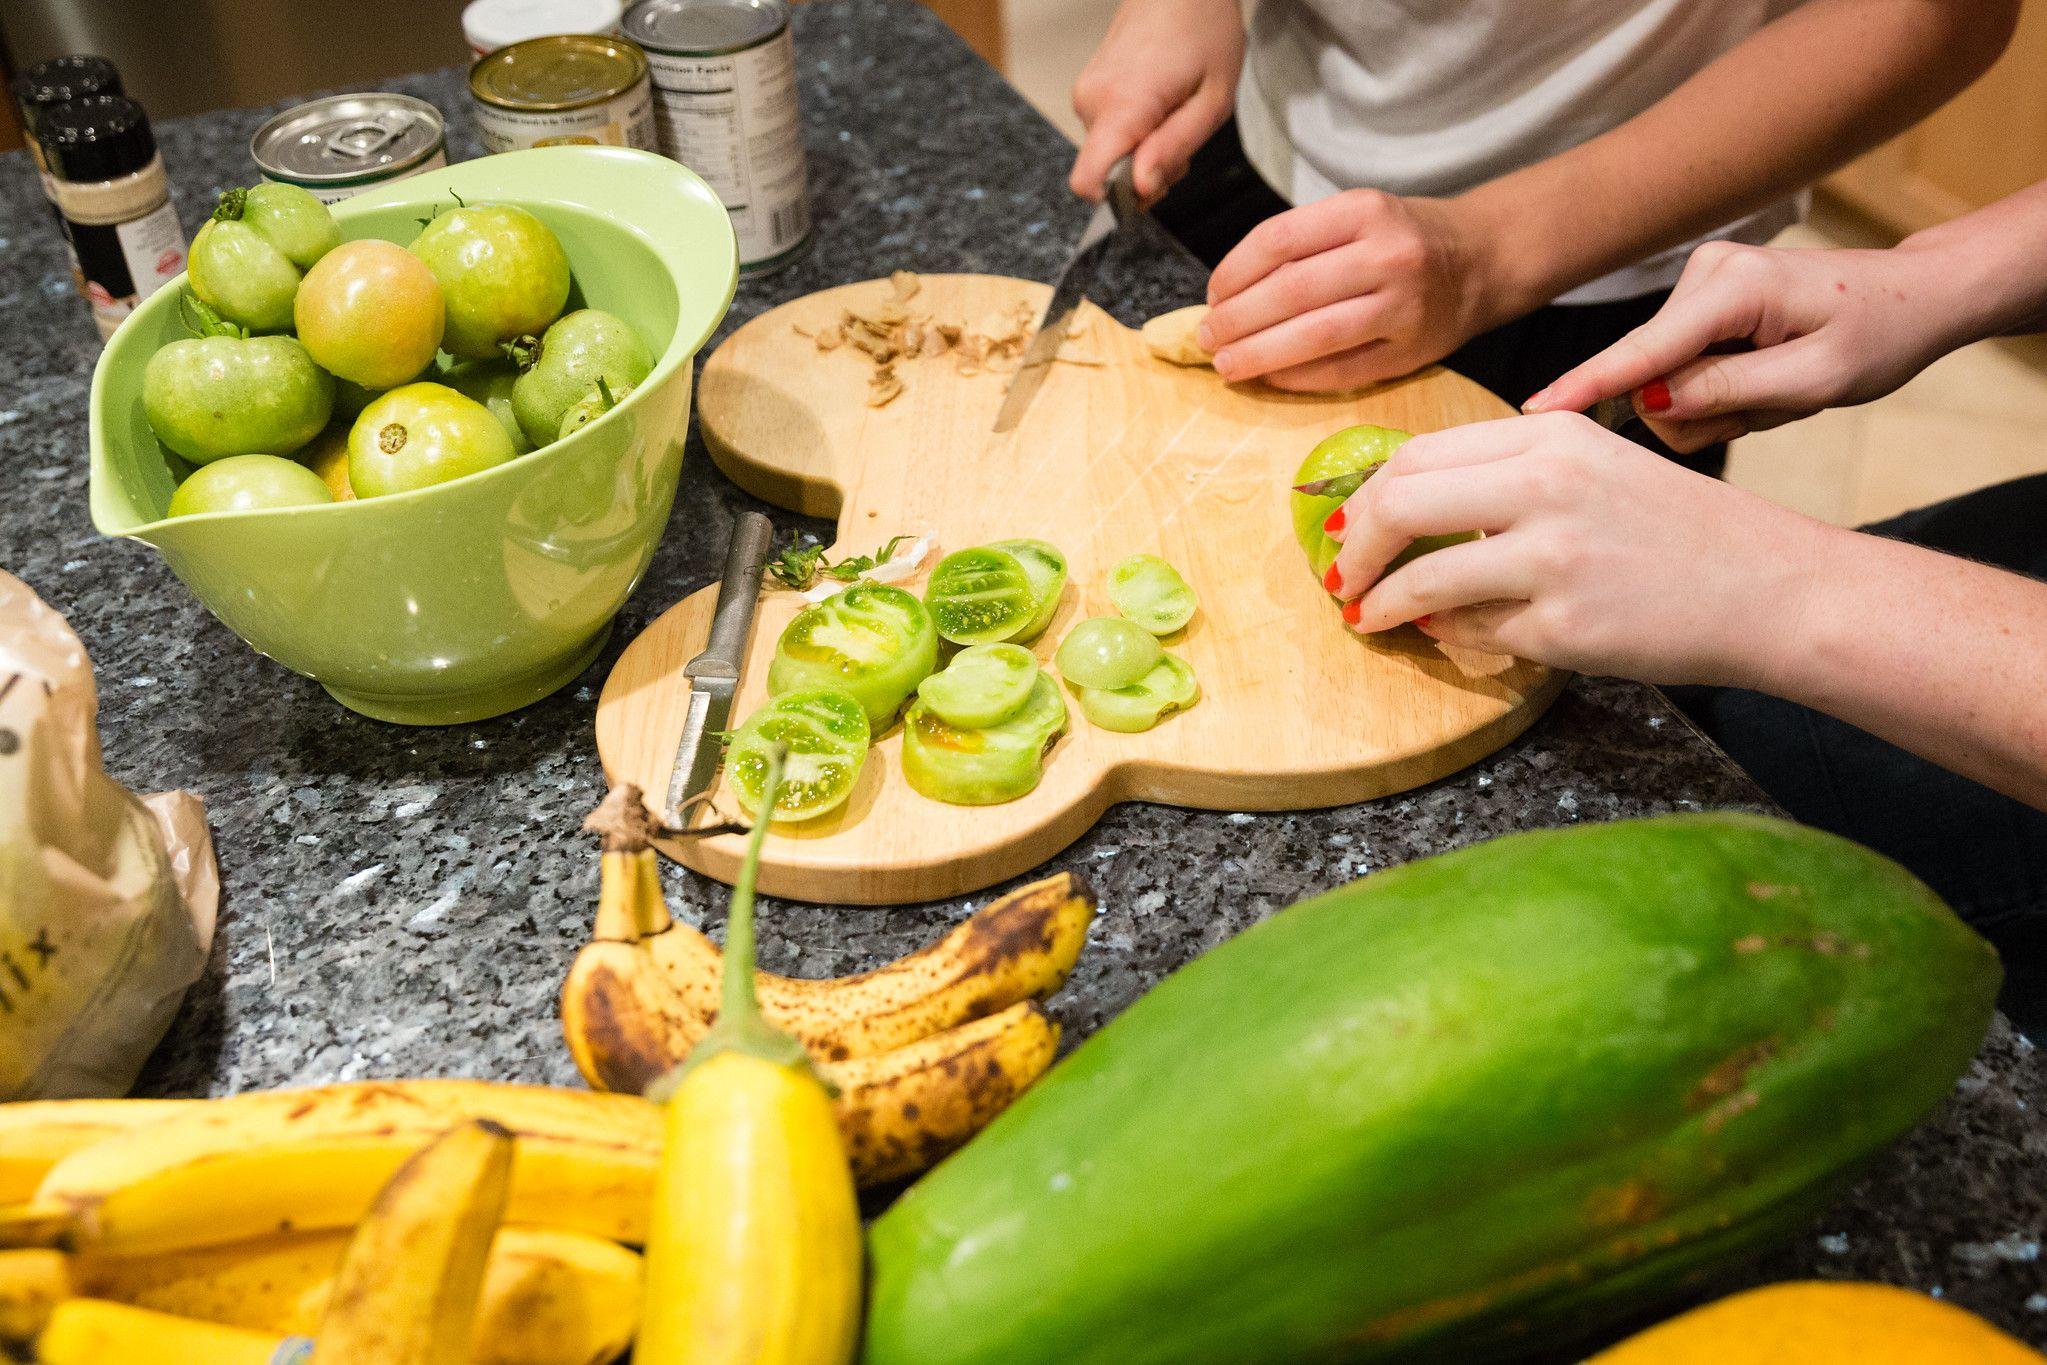 Students slice vegetables for dinner preparation.